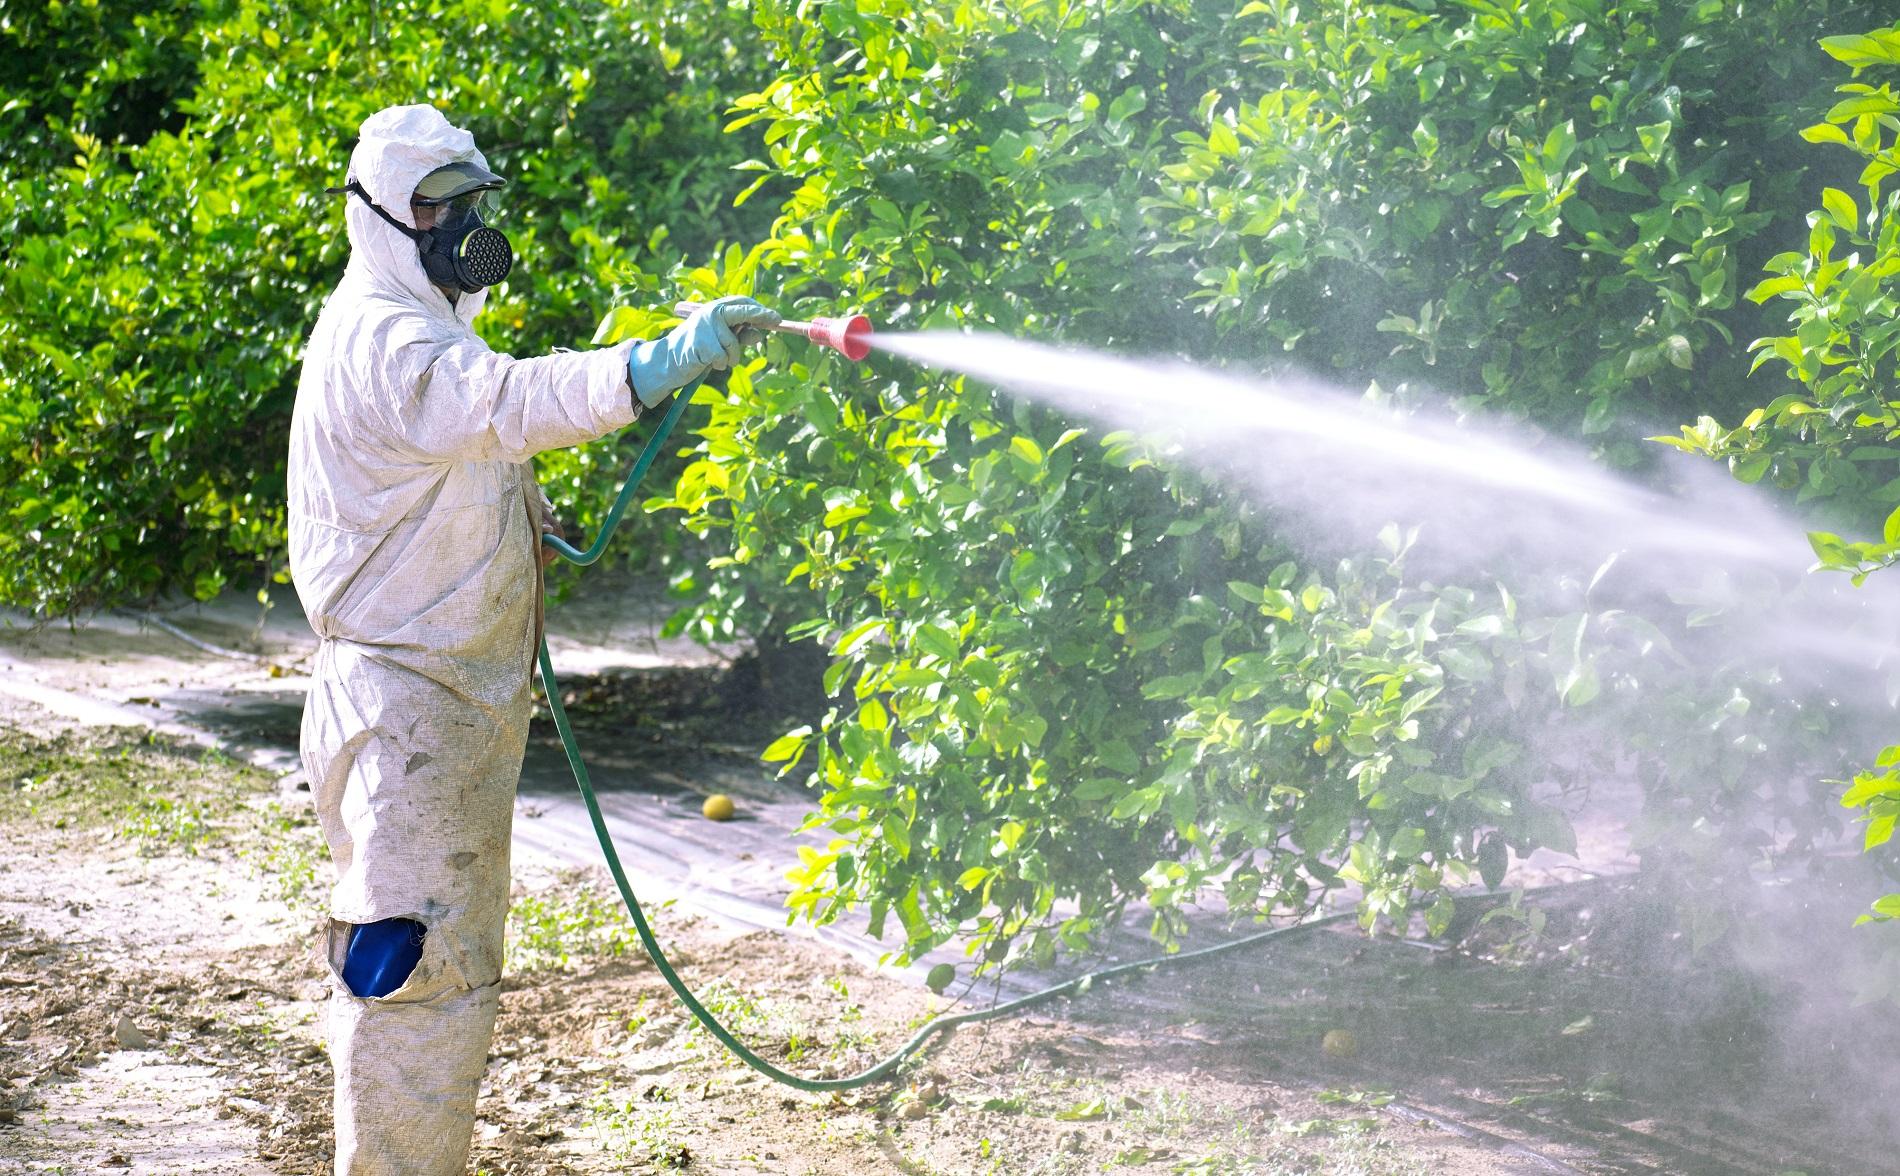 ¿Cómo incrementar tu seguridad en el almacenamiento de productos fitosanitarios?